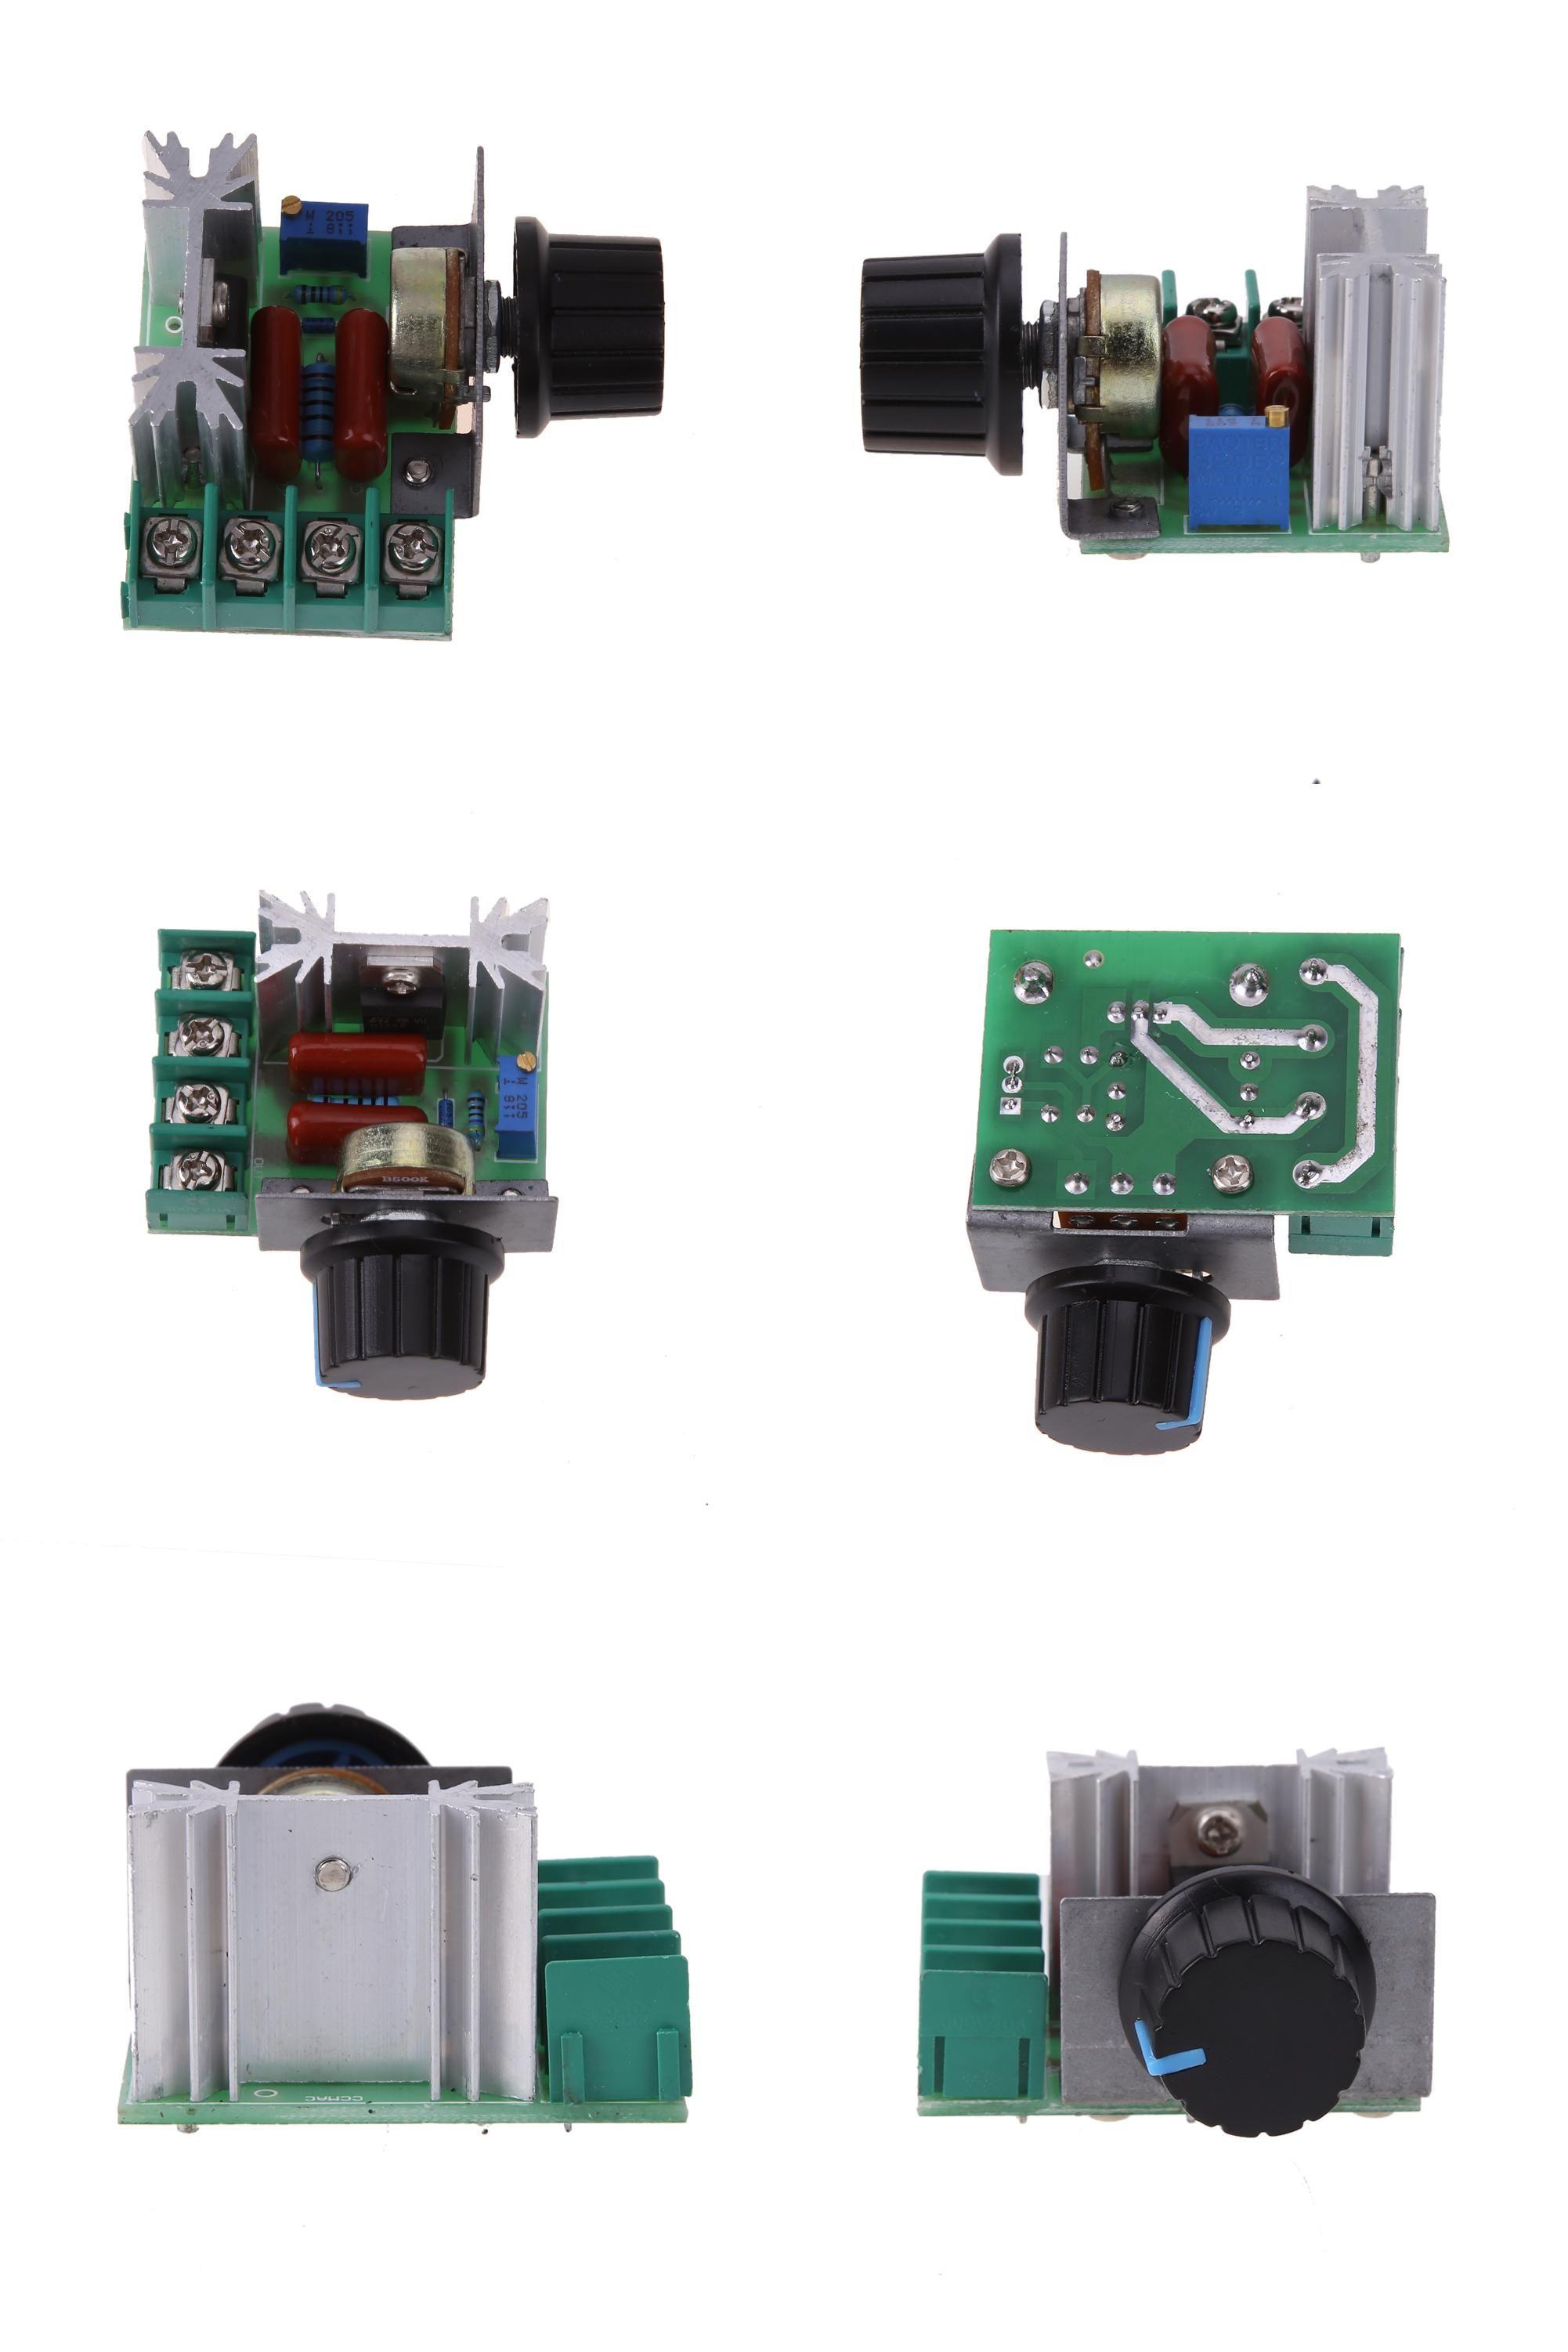 Visit To Buy 2000w Ac 50 220v 25a Adjustable Motor Speed Controller Light Dimmer Voltage